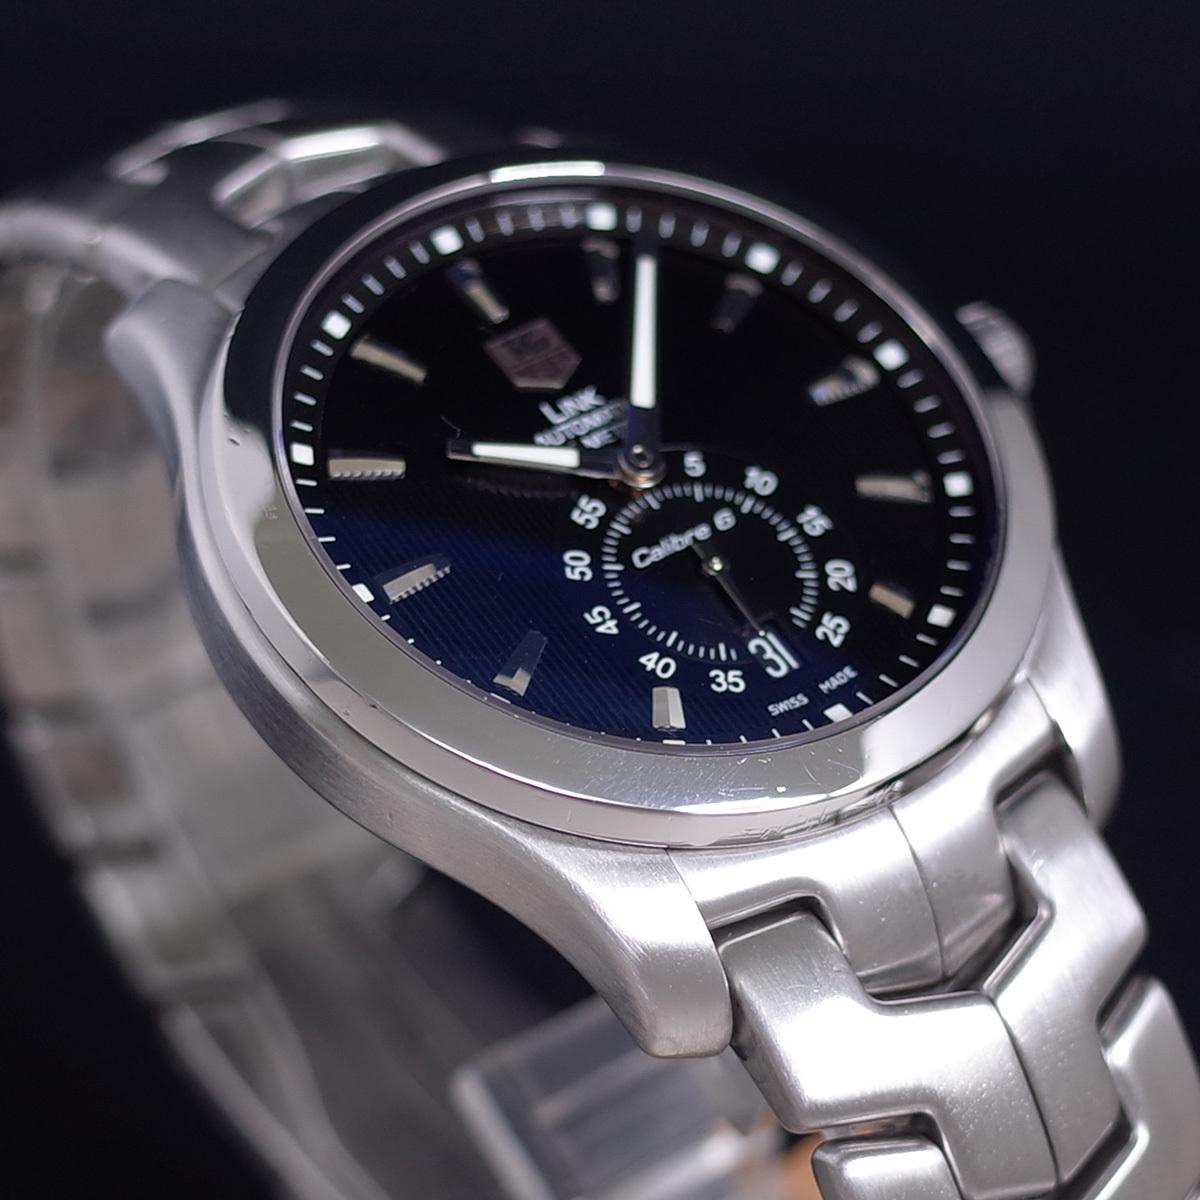 1年保証♪タグホイヤー【リンク】キャリバー6 WJF211A 自動巻 黒文字盤 ブラック ブレスレット 箱 メンズ 腕時計 TAG HEUER_画像4